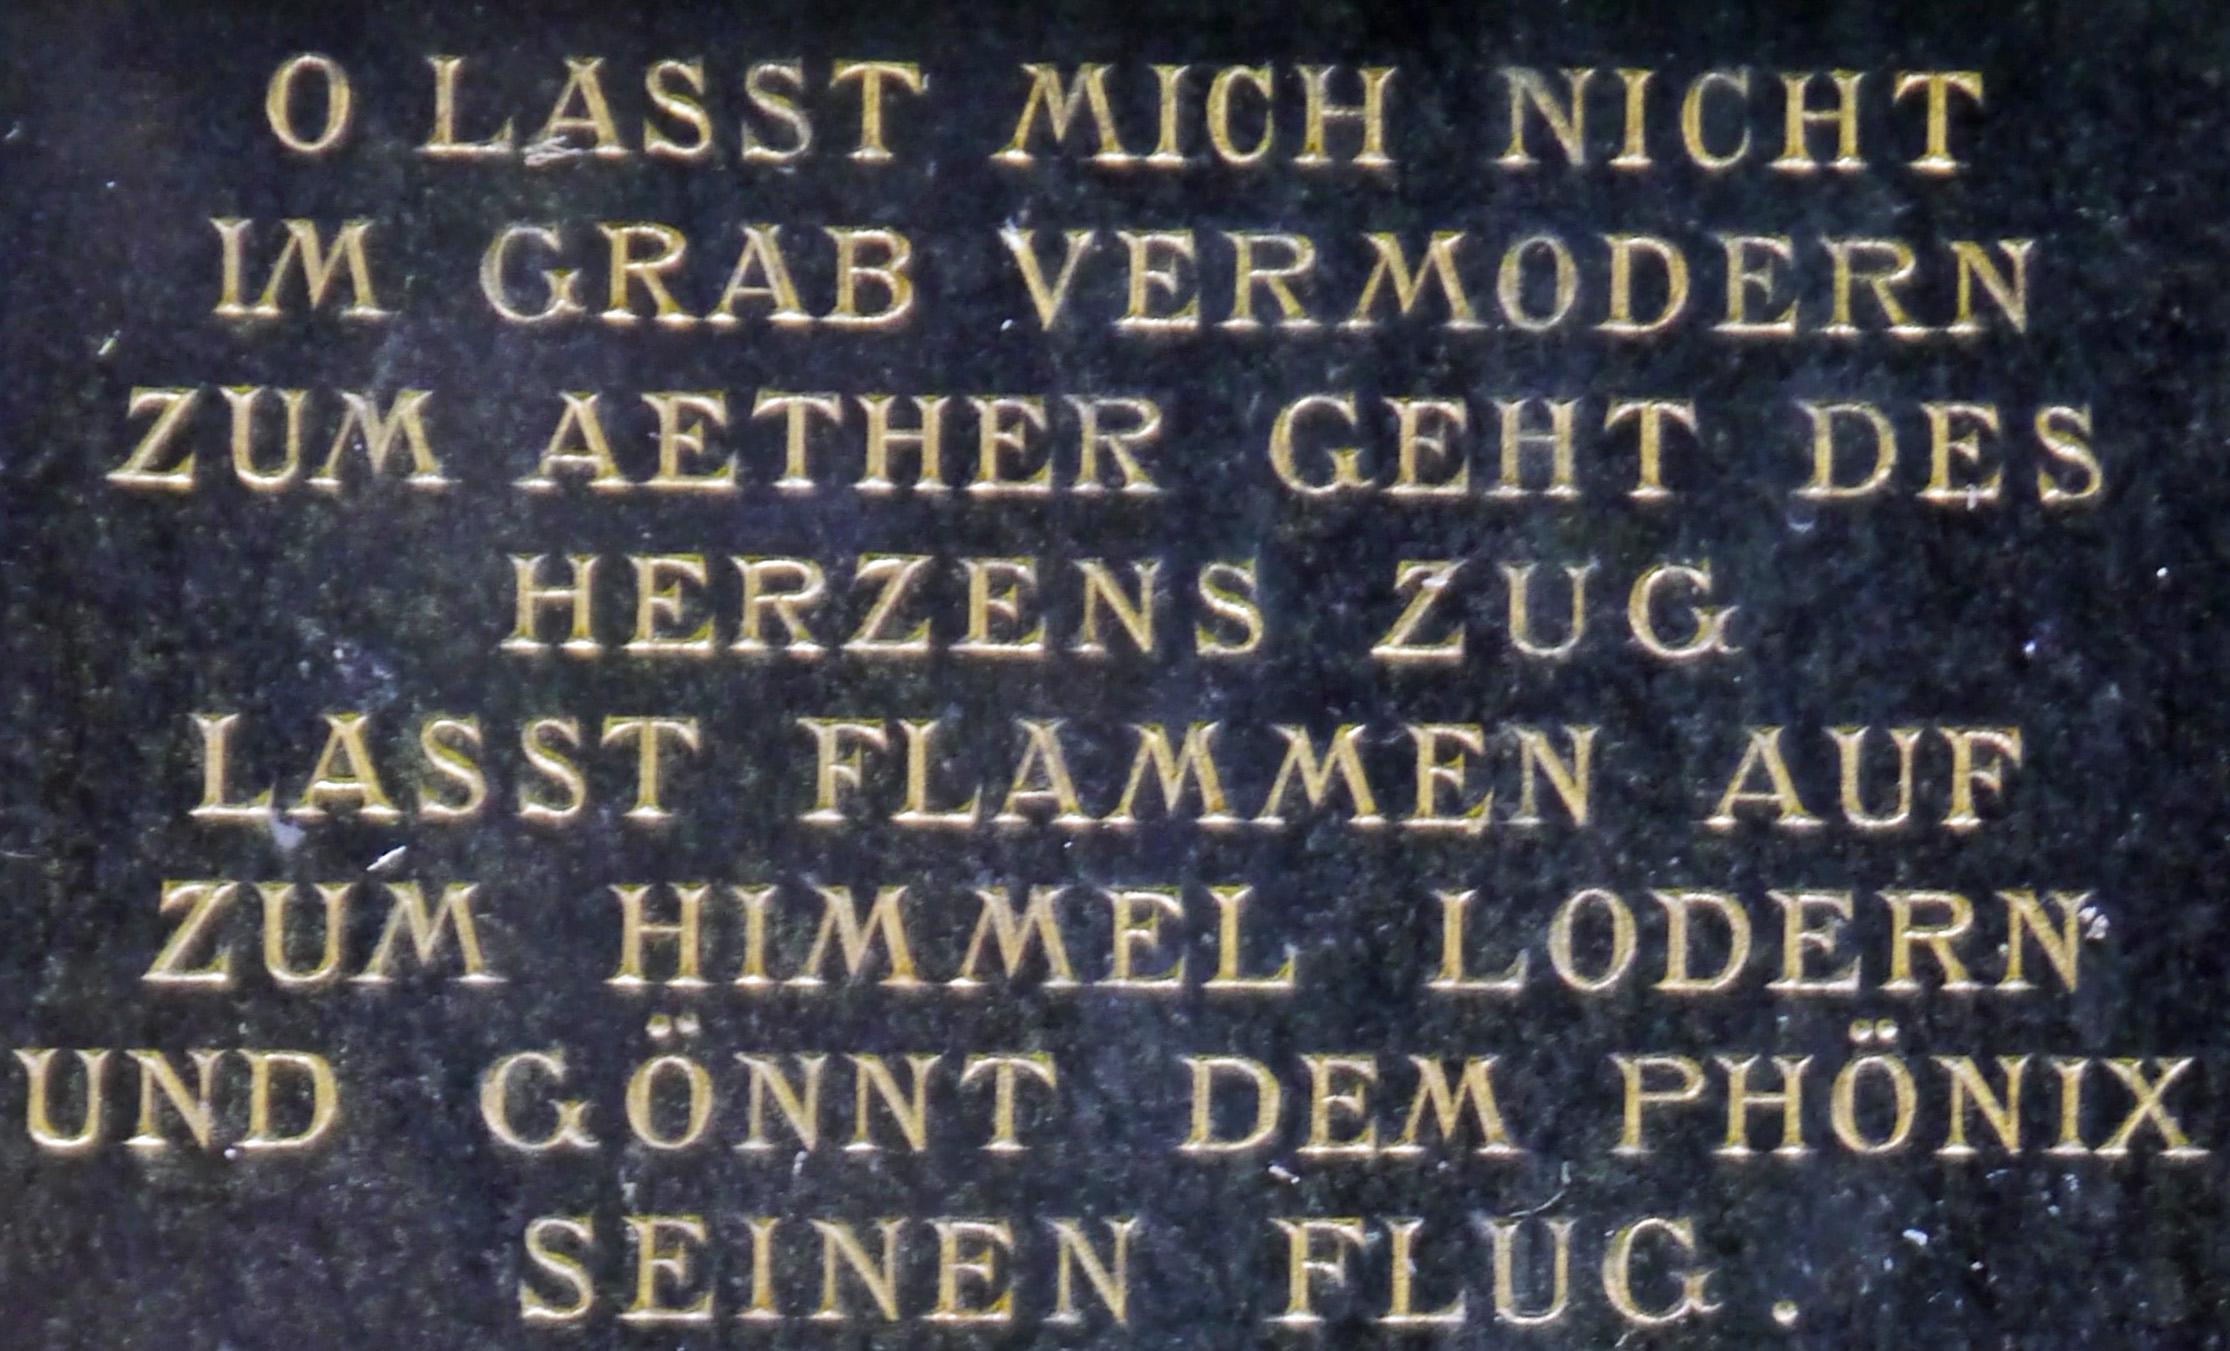 Filegrabsteinspruch Urnenhain Hauptfriedhof Ffm 966jpg Wikimedia